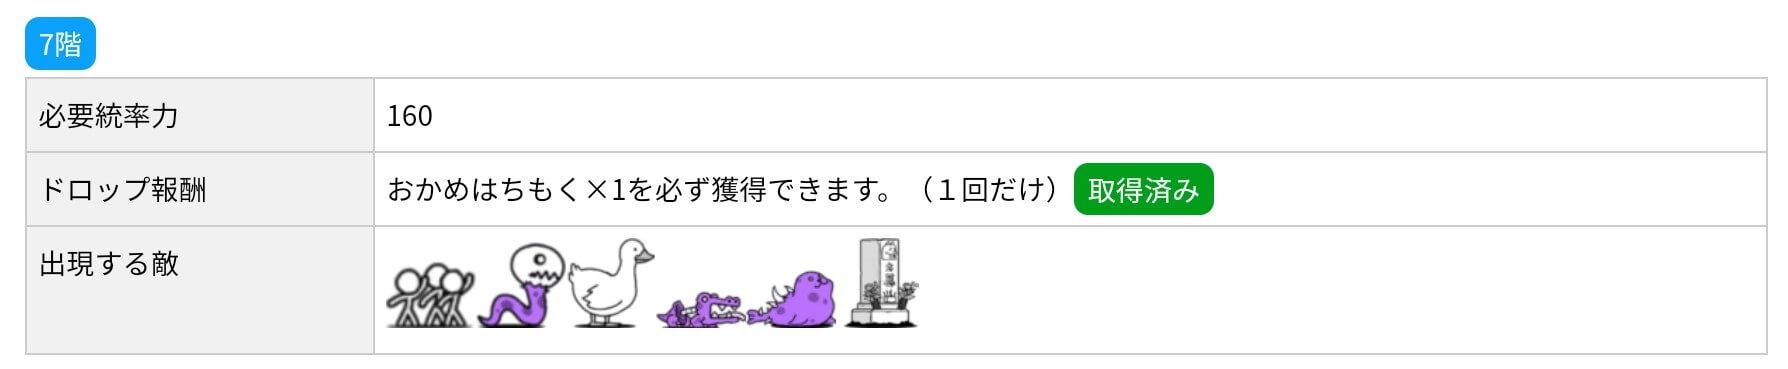 にゃんこ別塔(屍)7階